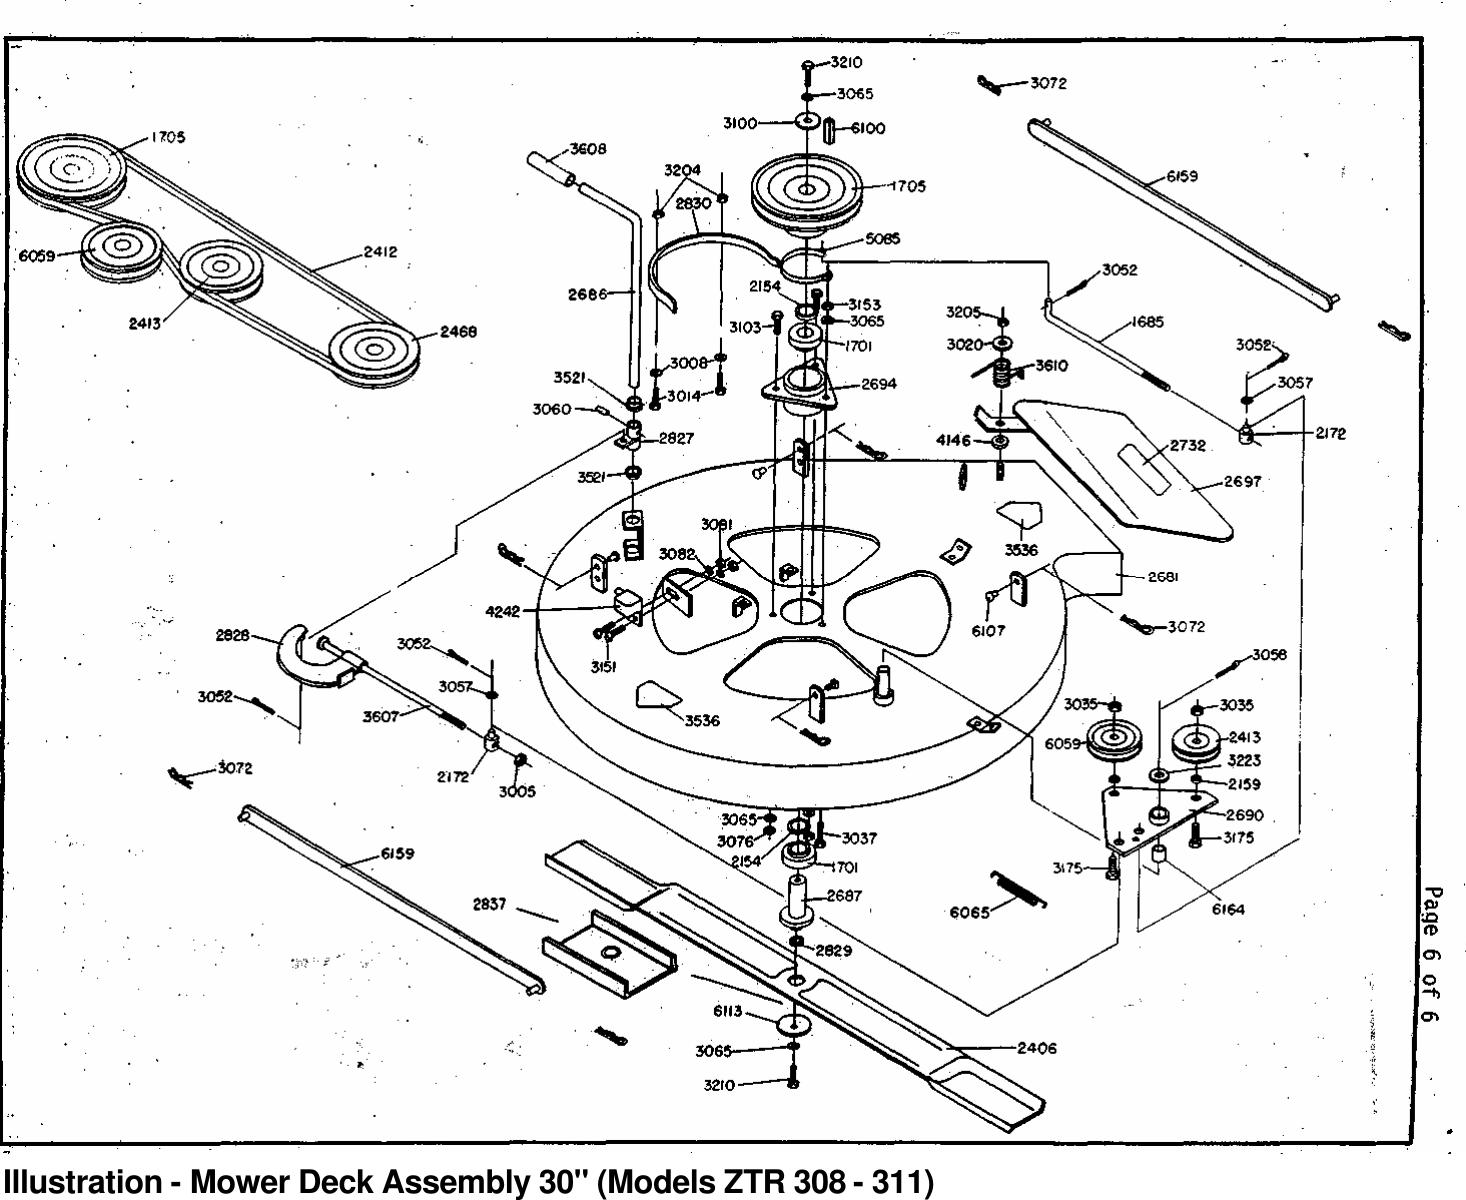 Dixon Ztr 3Ii Users Manual OM, 308, 311, 1985, ZERO TURN